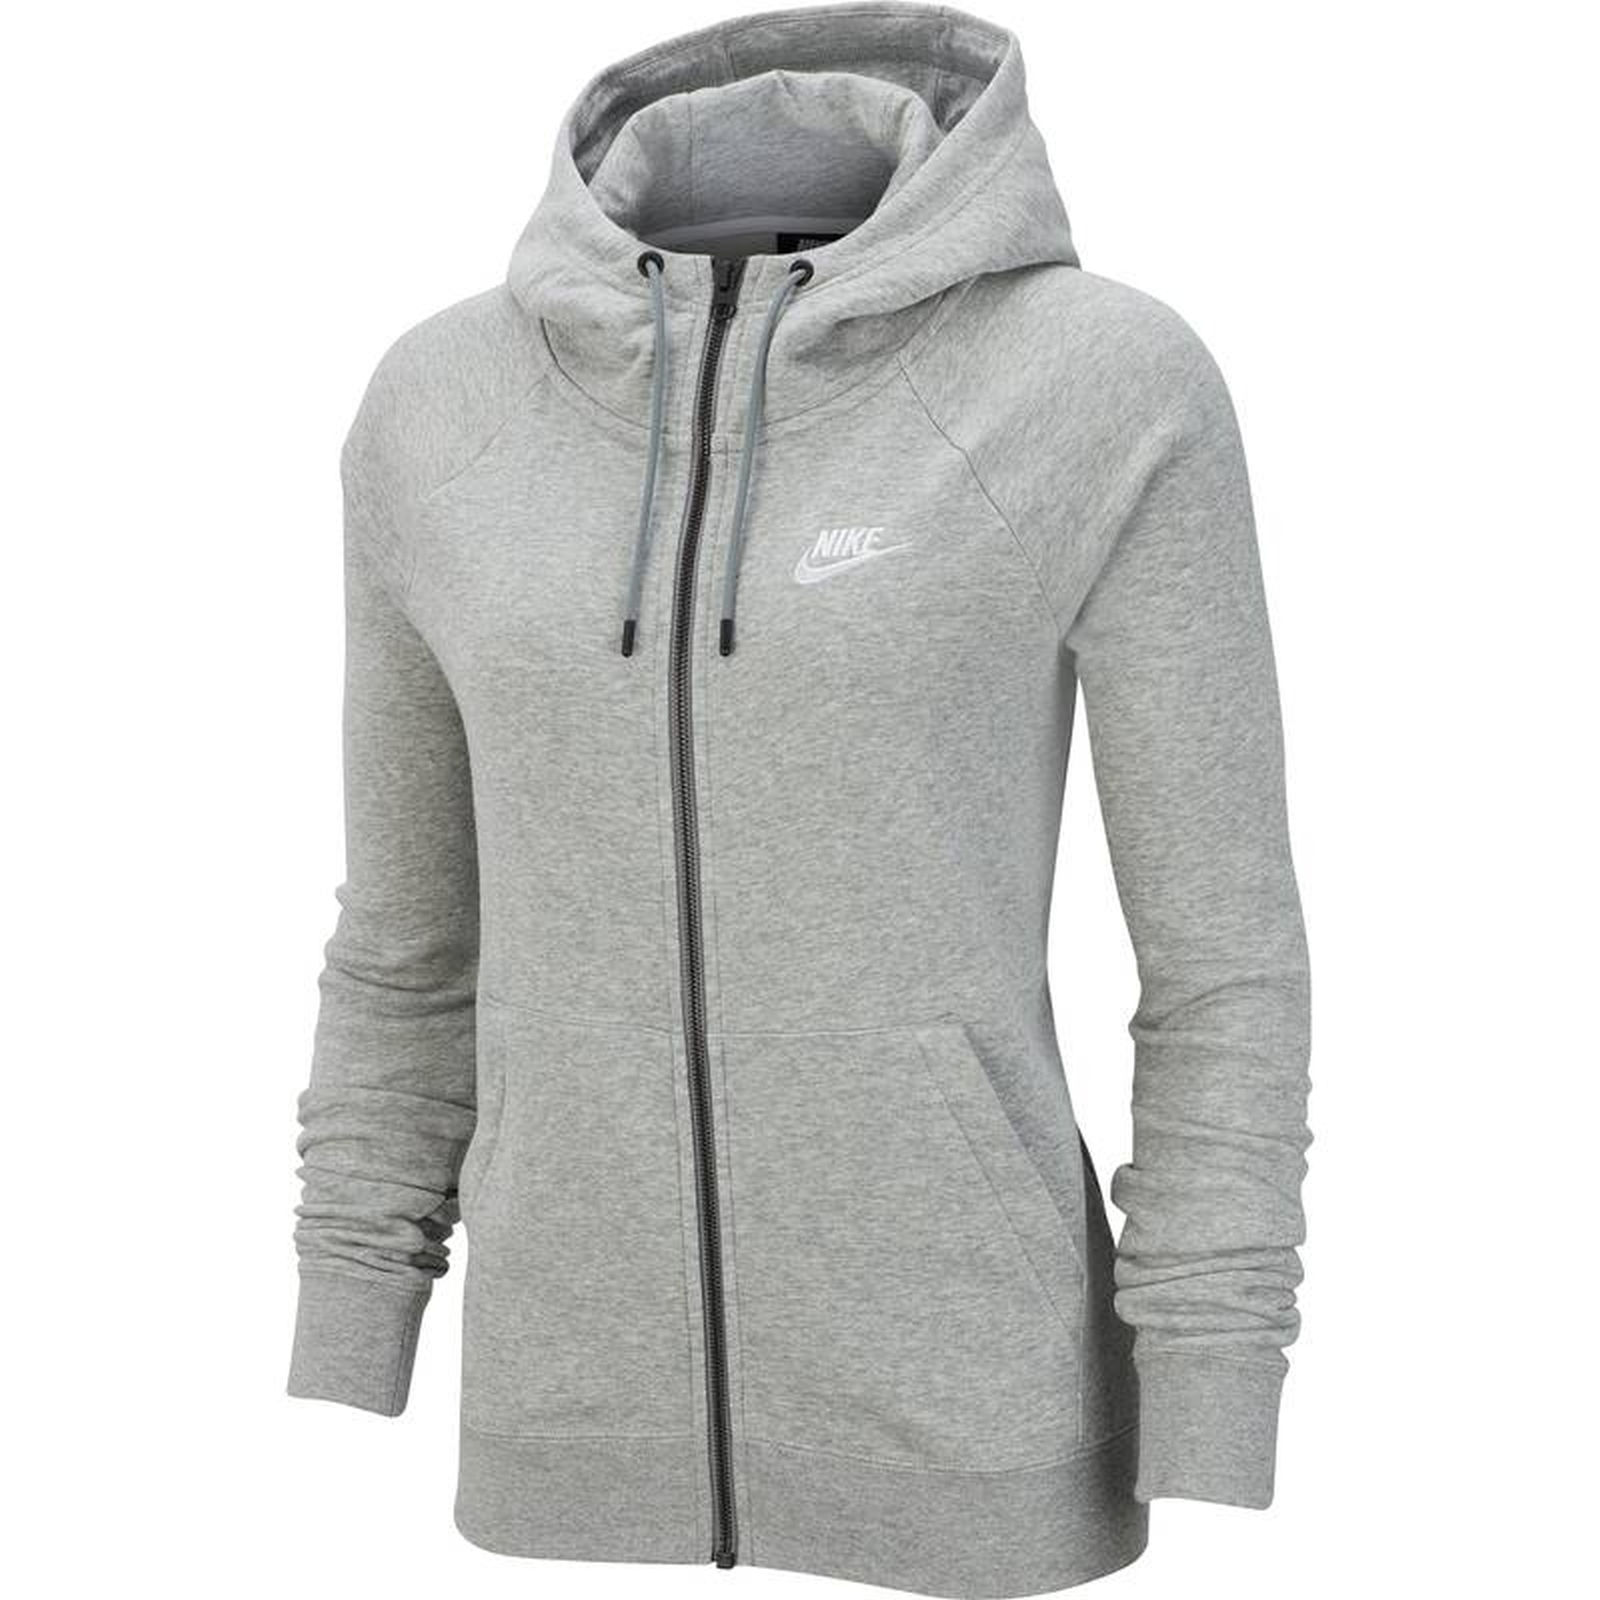 Détails sur Nike Femmes Sport Fitness Kapuzenjacke VesteSweat Essntl à Capuche Fz Fl Gris